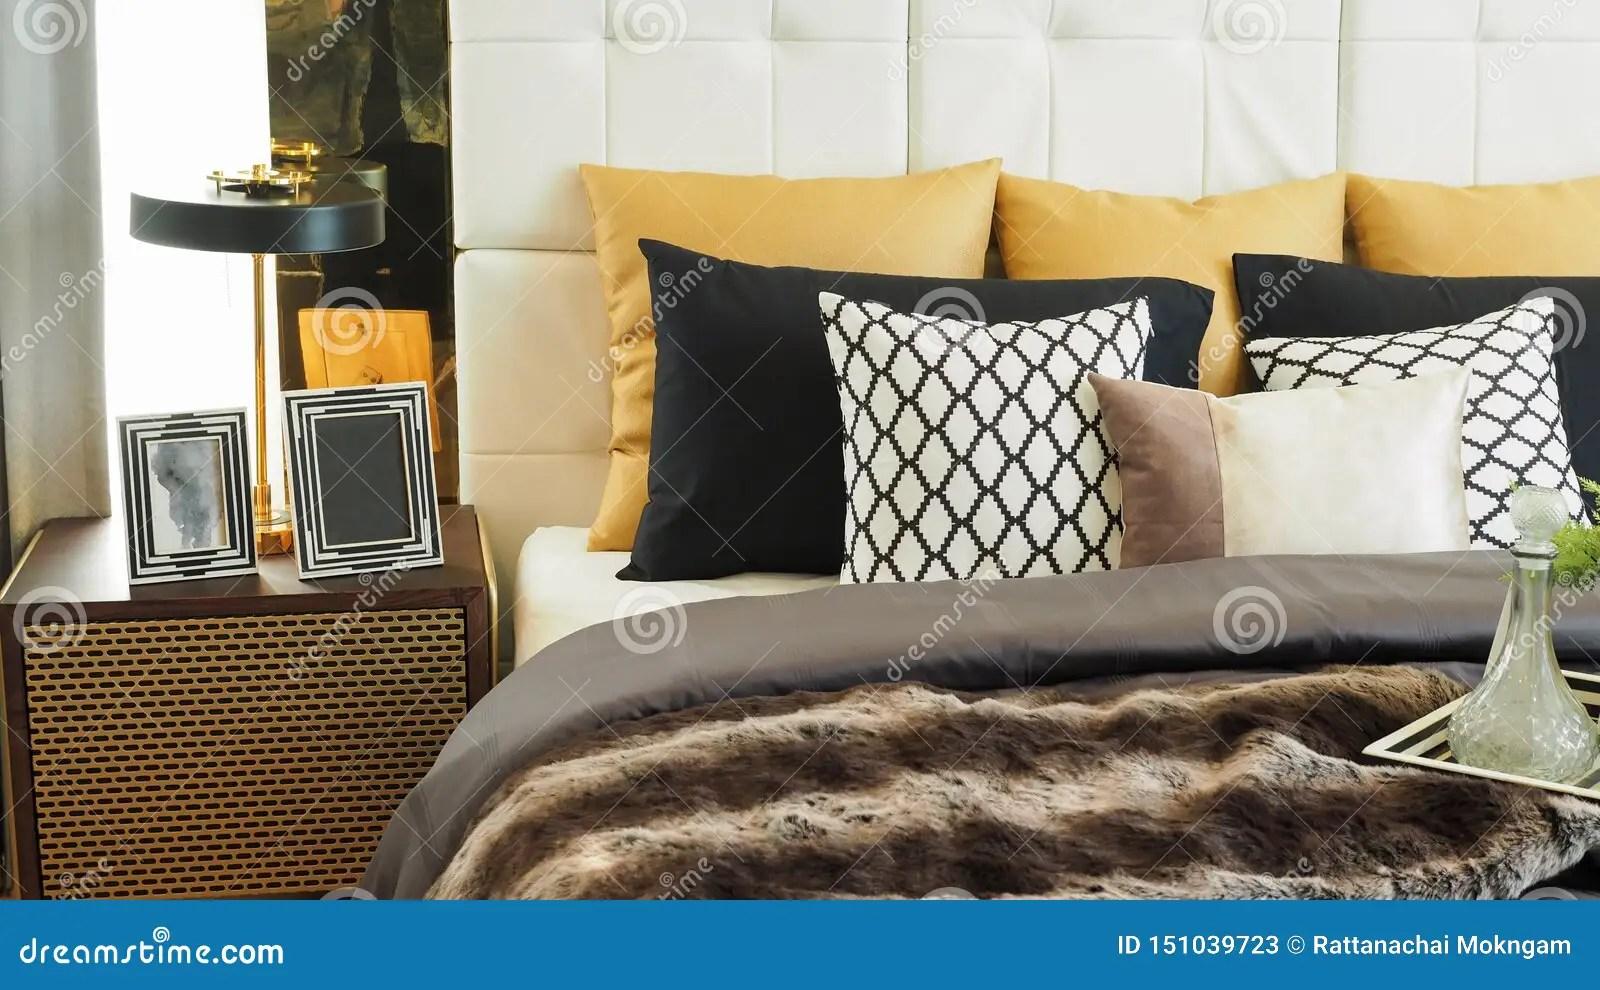 https fr dreamstime com couleurs d oreillers coussins blancs beige marron noir lit table chevet cadres chambre moderne en blanc image151039723